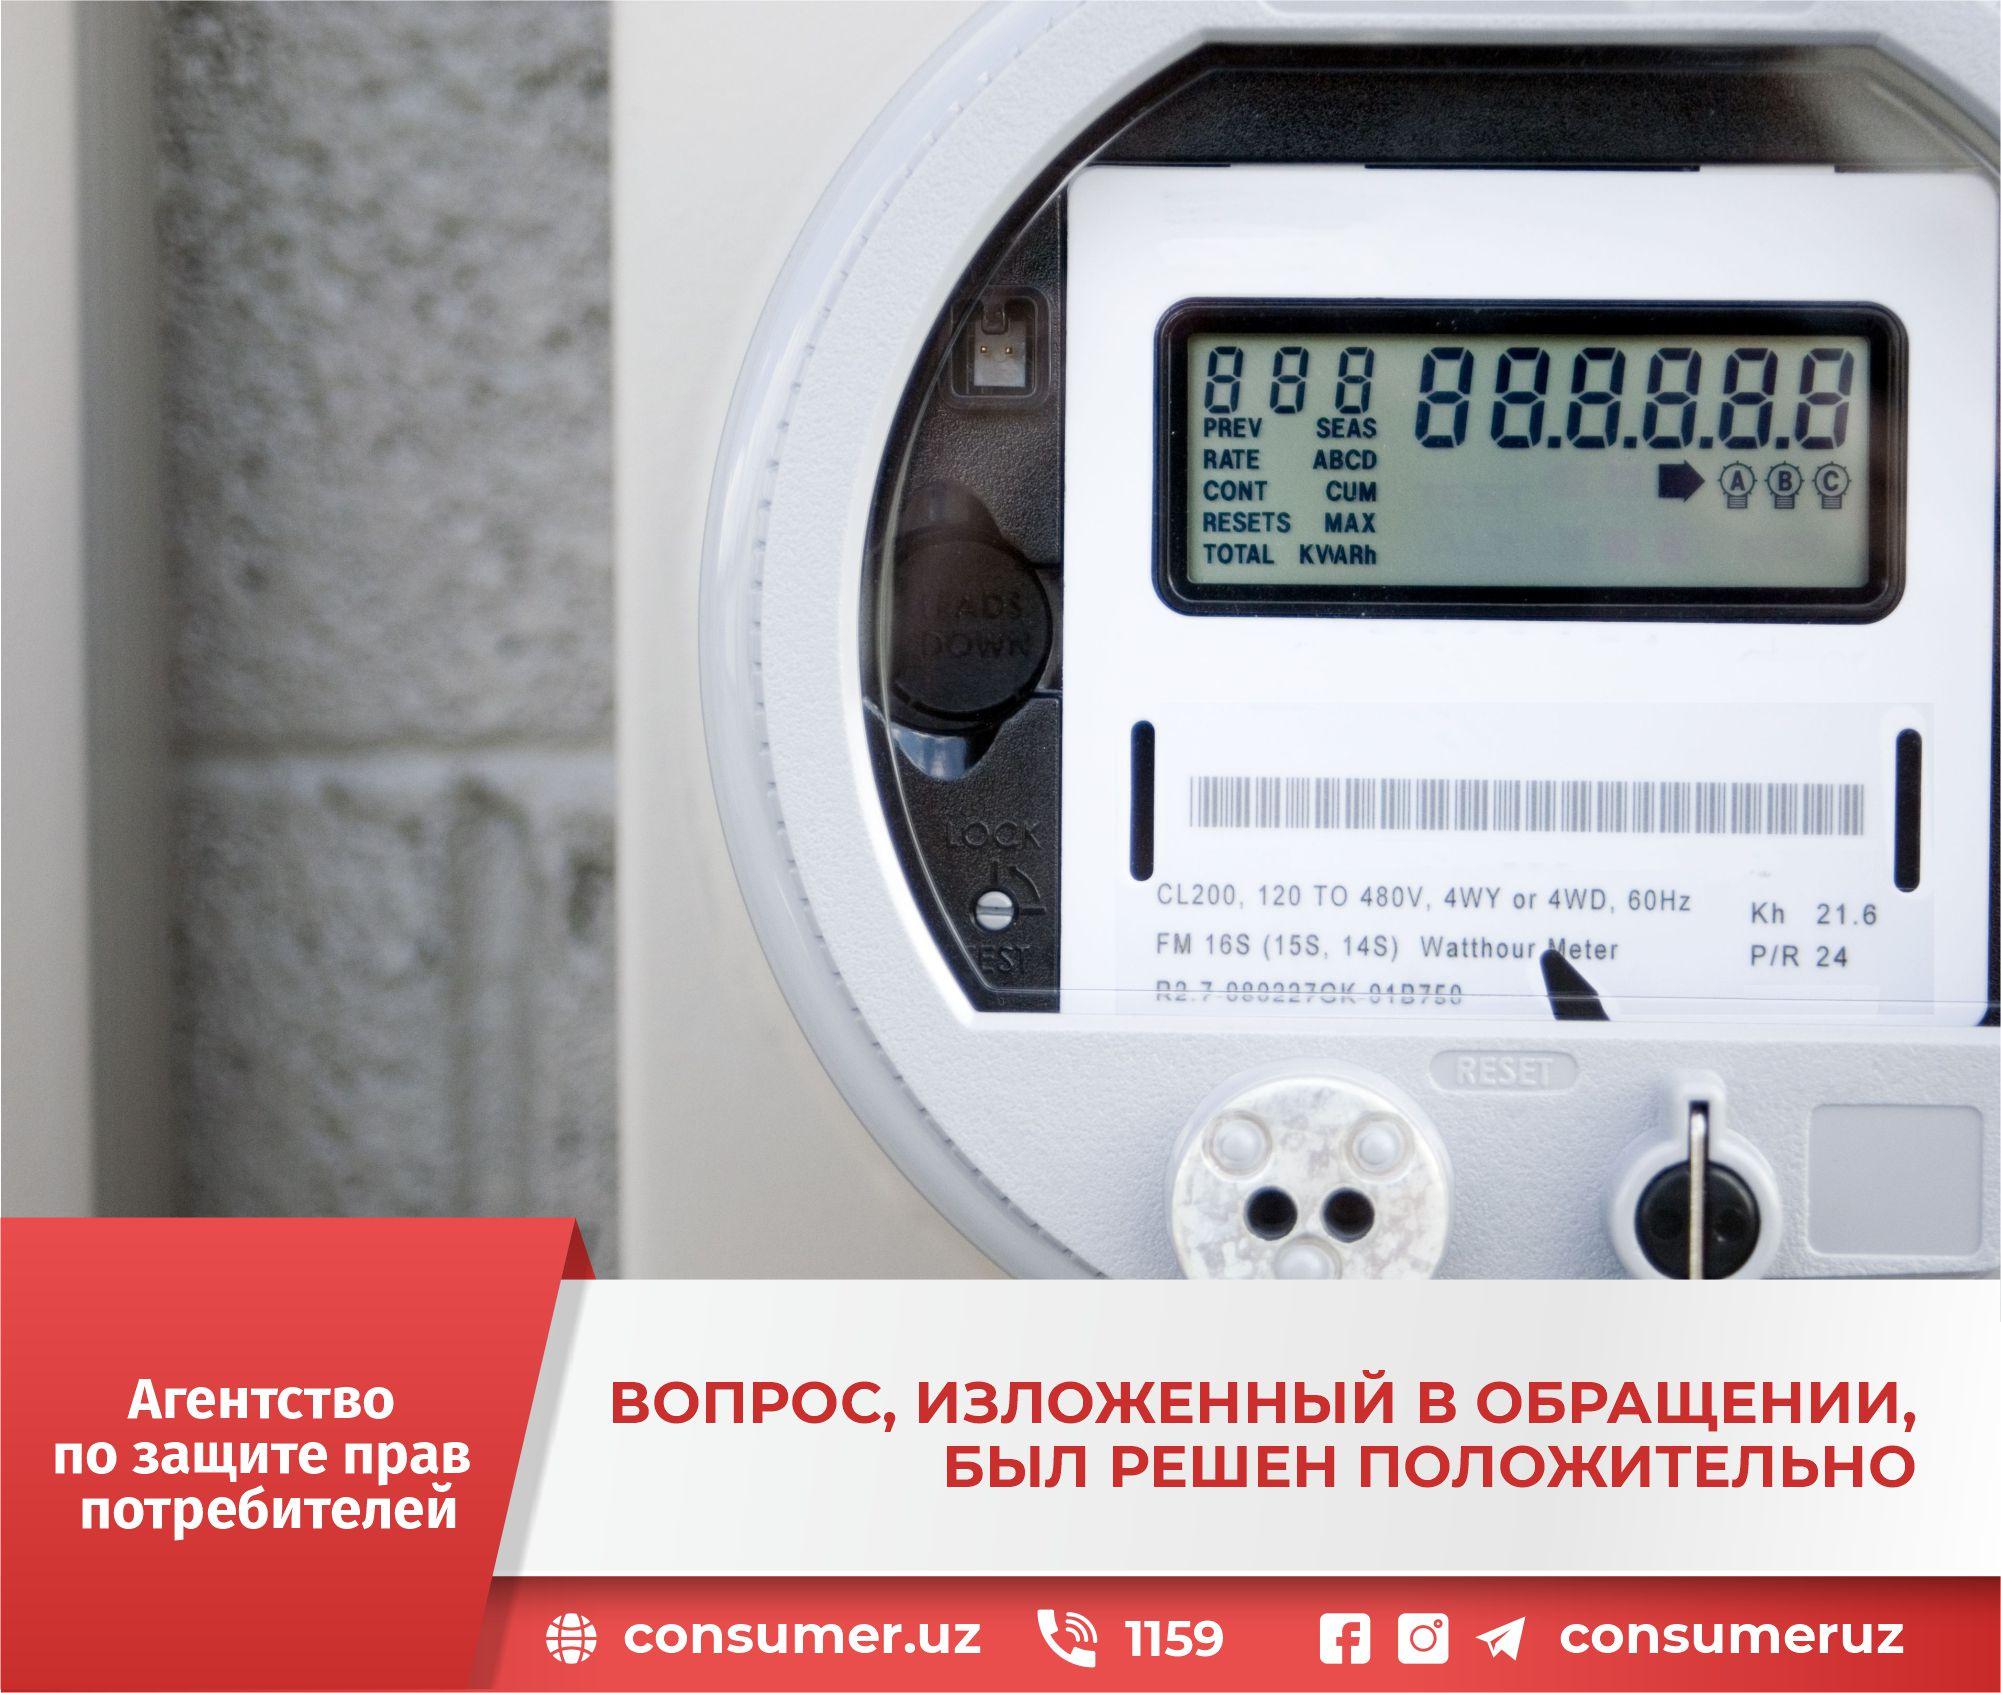 Какой счетчик электроэнергии лучше поставить в квартире: критерии выбора